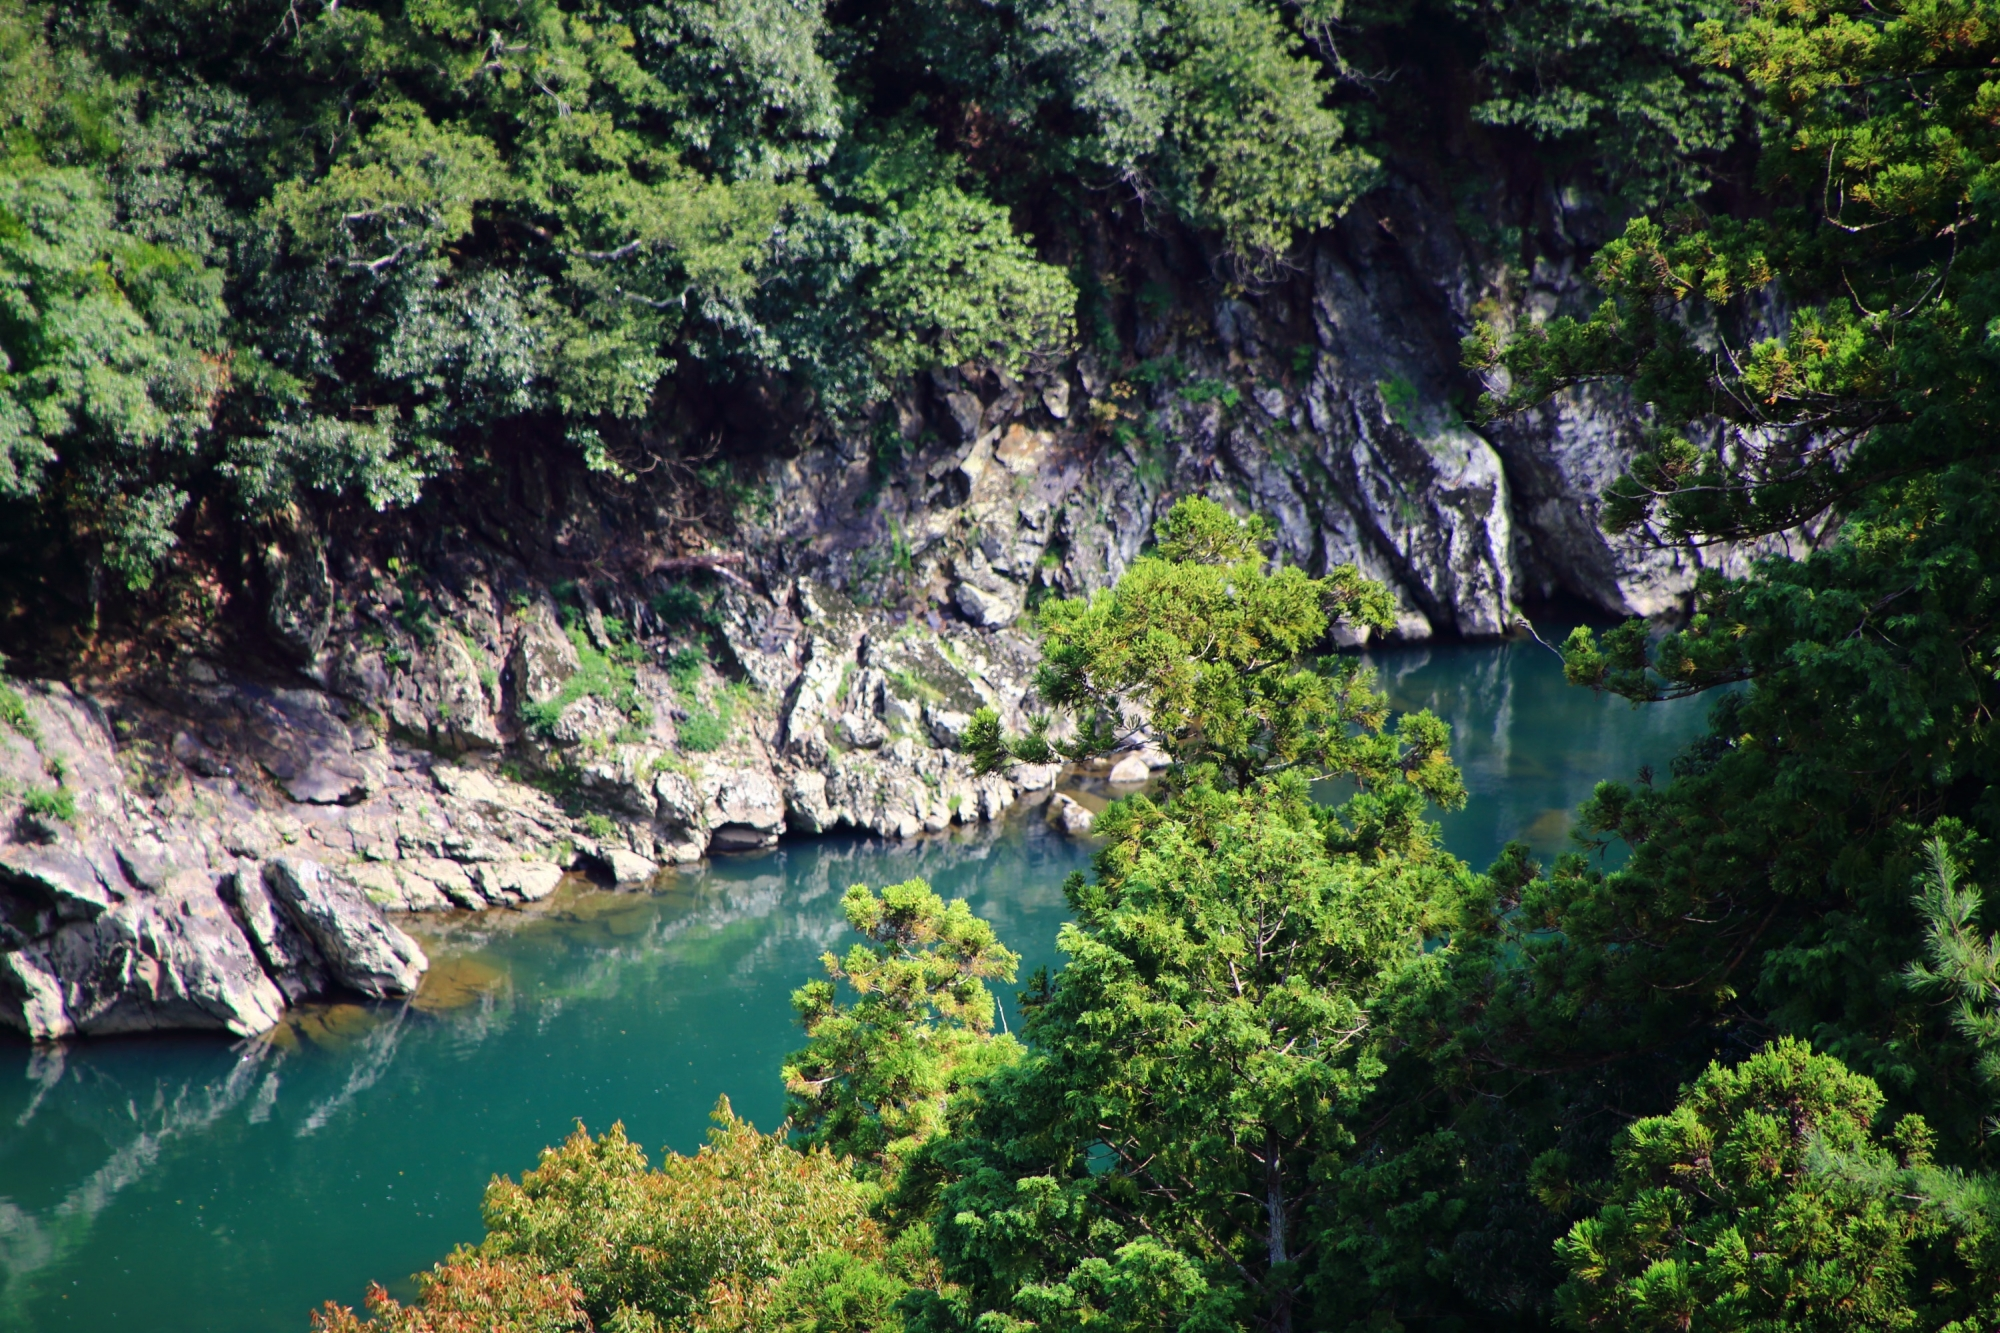 嵐山の大悲閣 千光寺から眺める保津川(桂川) 2015年10月6日